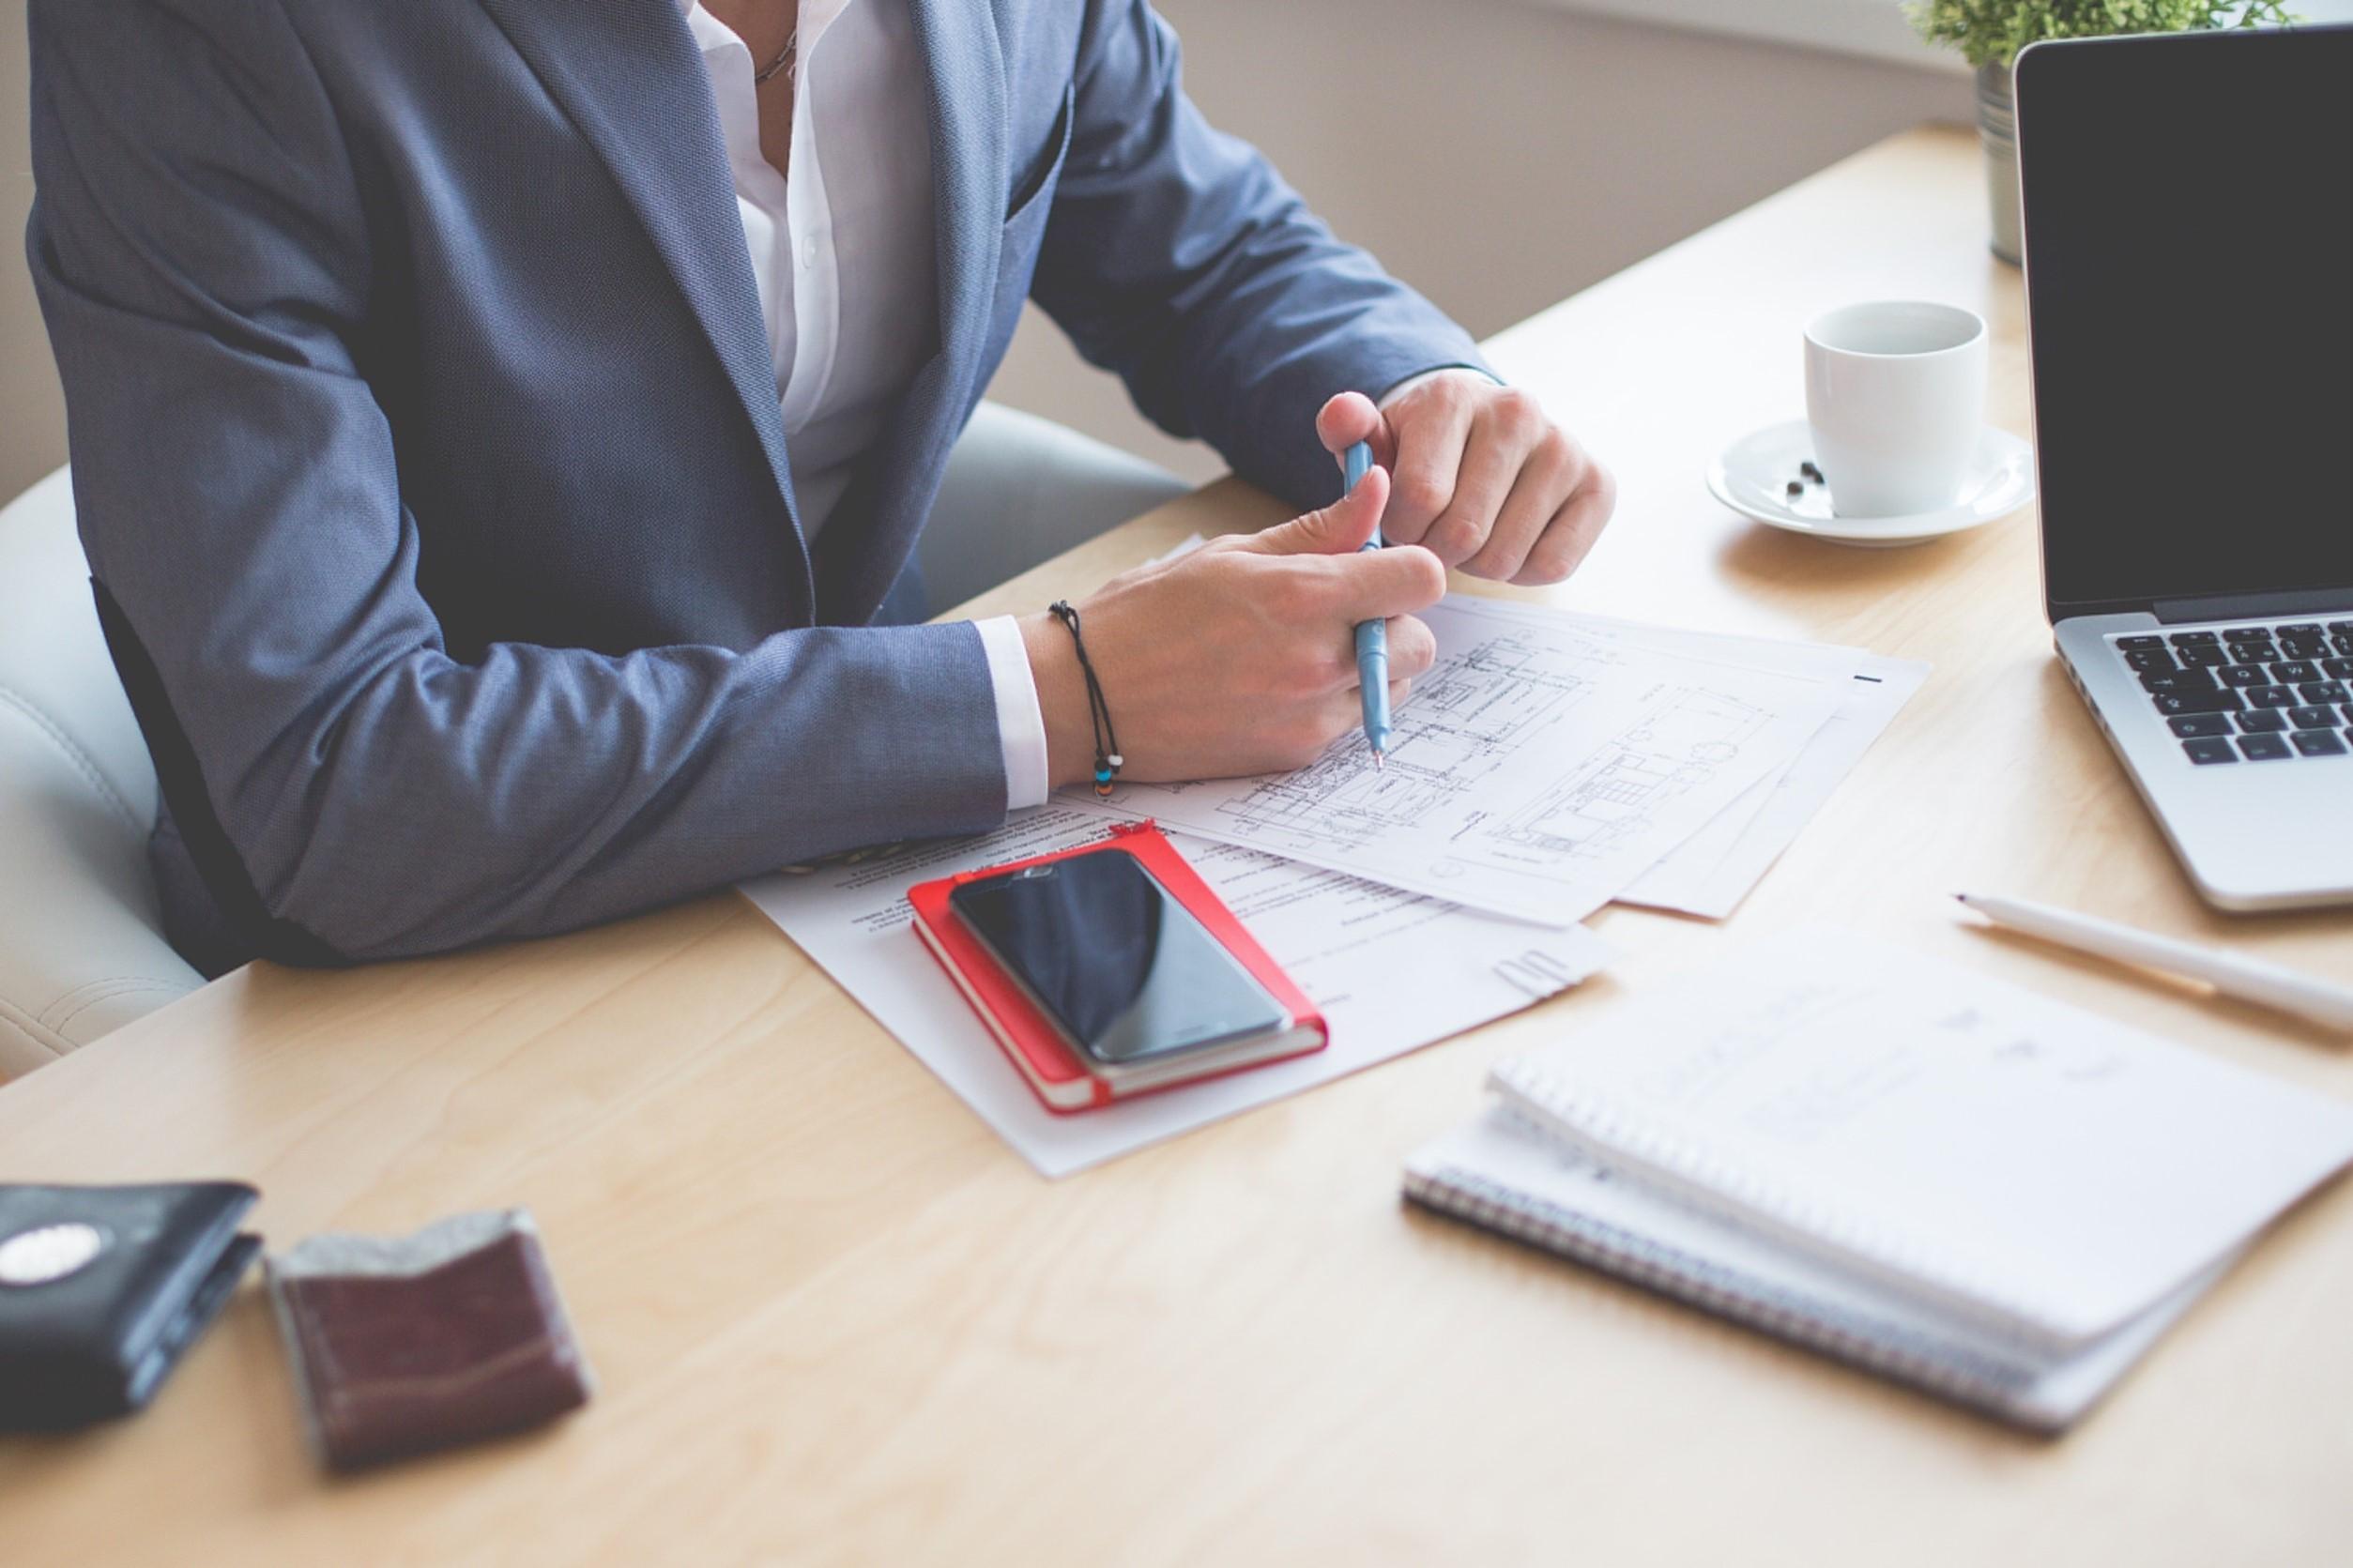 5 สิ่งที่มักจะทำให้ธุรกิจไปไม่รอด หรือถึงฝั่งฝัน